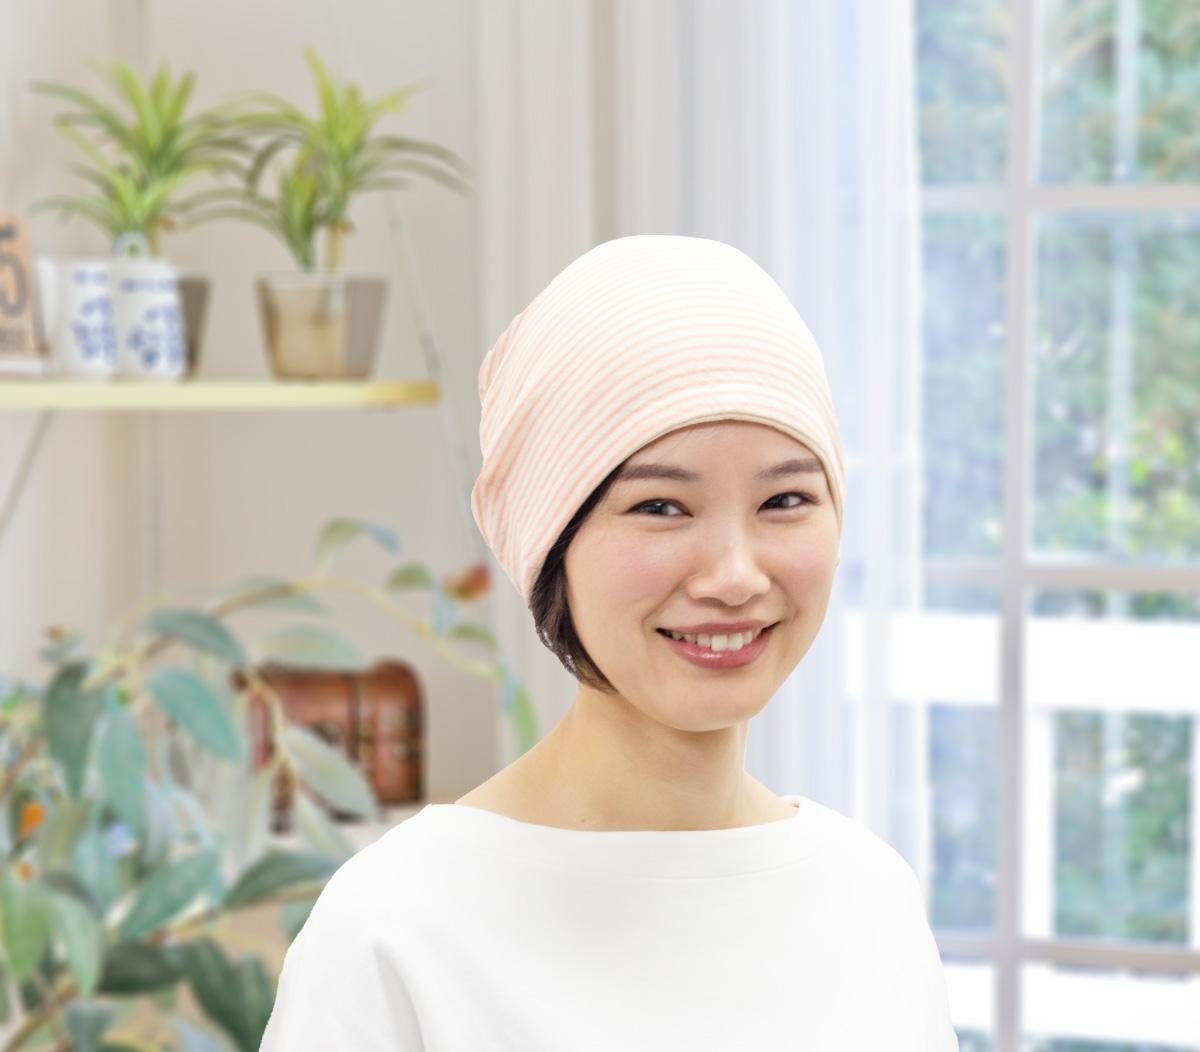 オーガニックコットン接結ガーゼ素材使用 髪の毛も透けず、伸縮性に優れた帽子